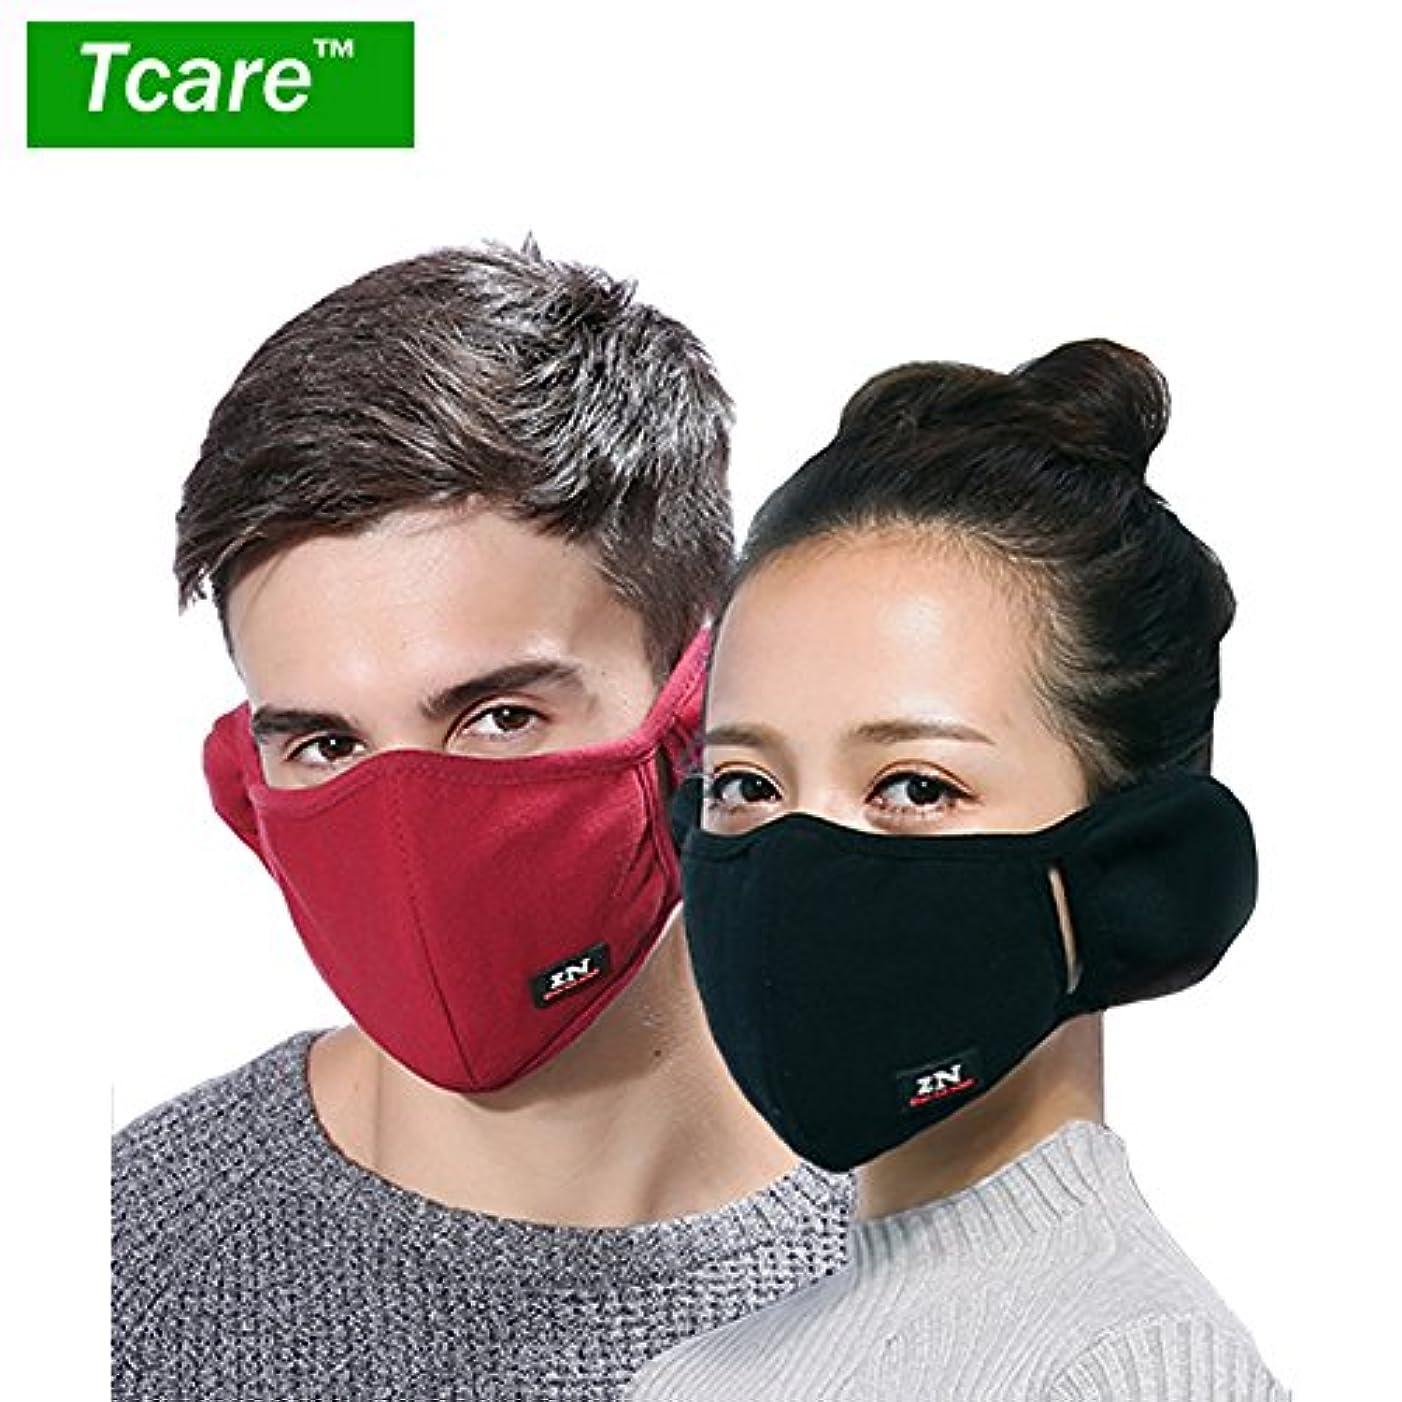 男性女性の少年少女のためのTcare呼吸器2レイヤピュアコットン保護フィルター挿入口:8 waternレッド